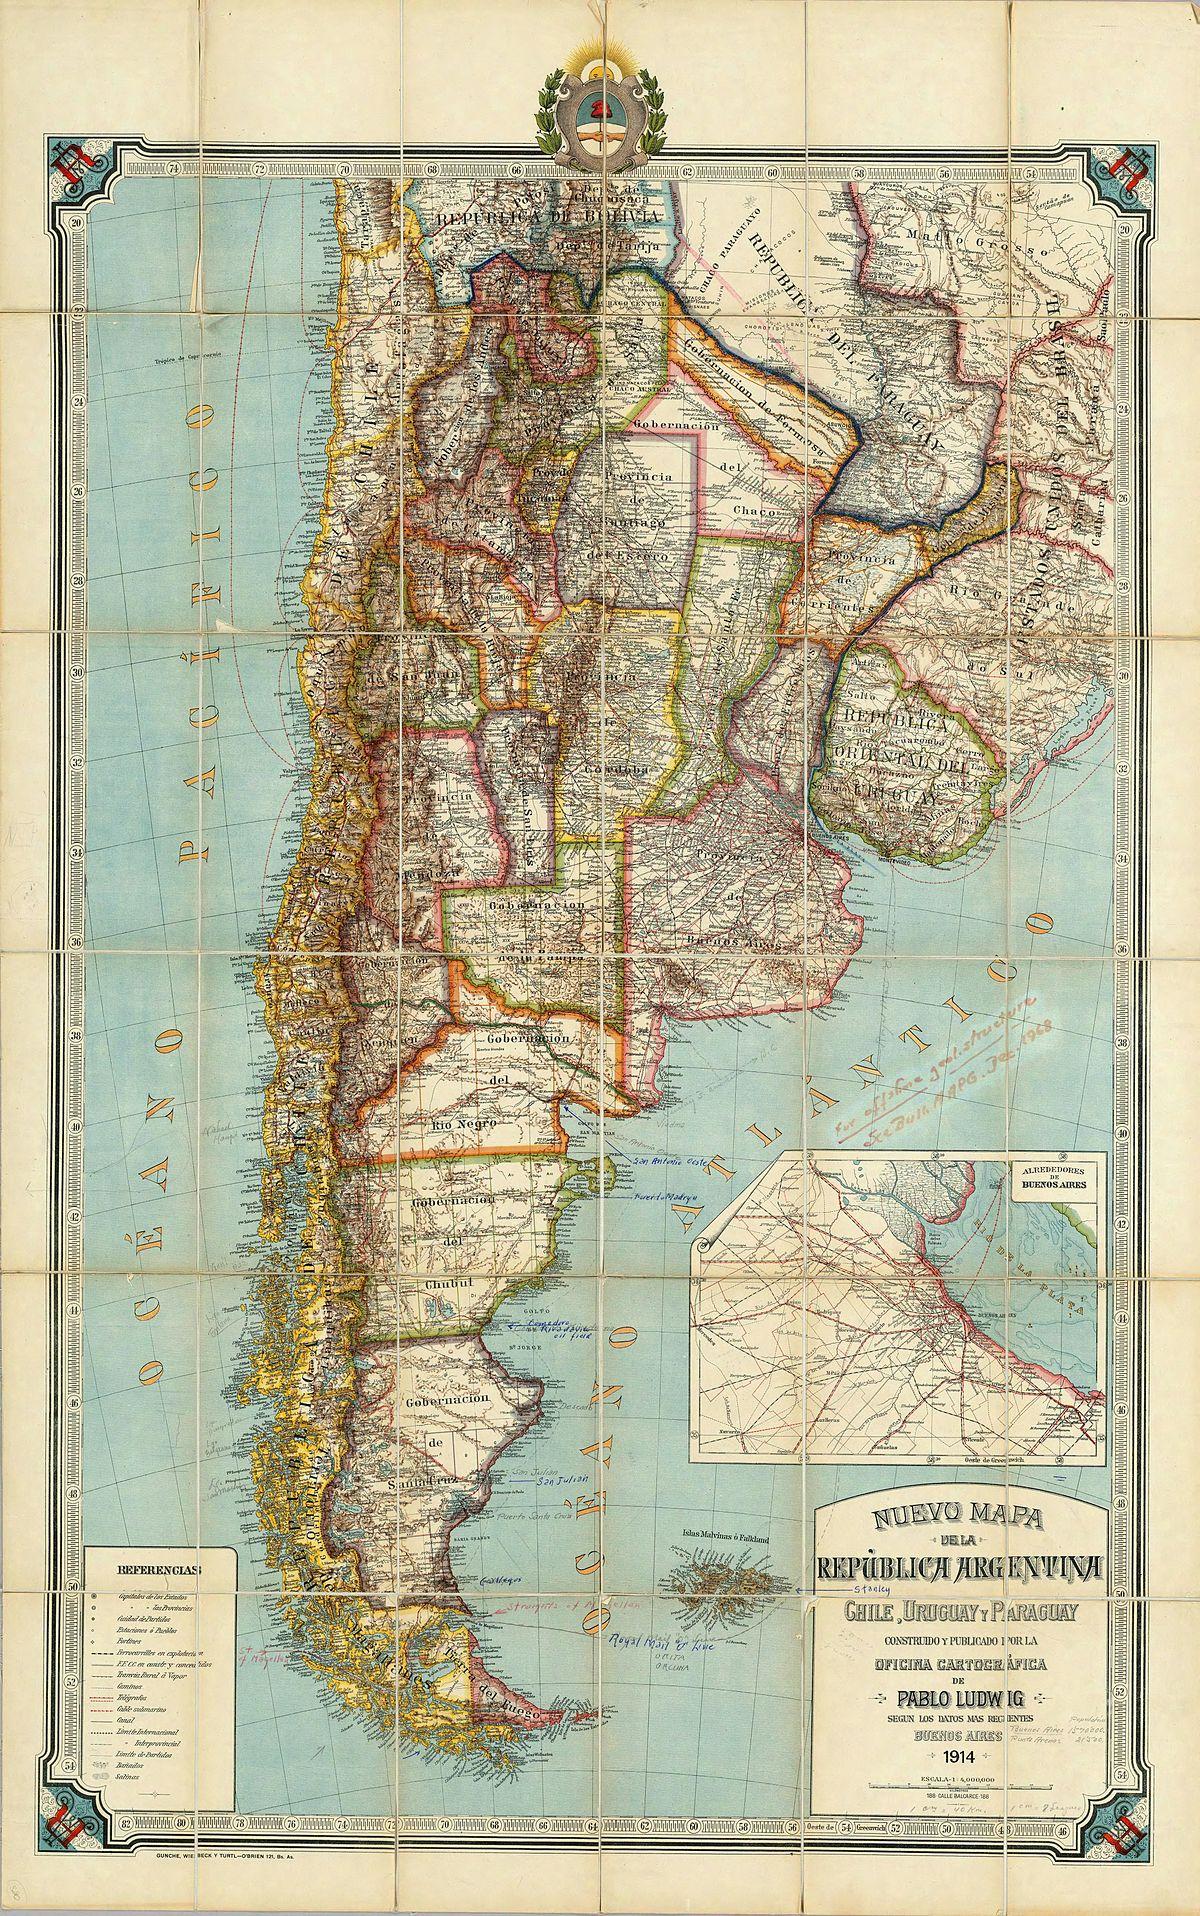 ad1e8ac4f Primeras presidencias radicales (Argentina) - Wikipedia, la enciclopedia  libre